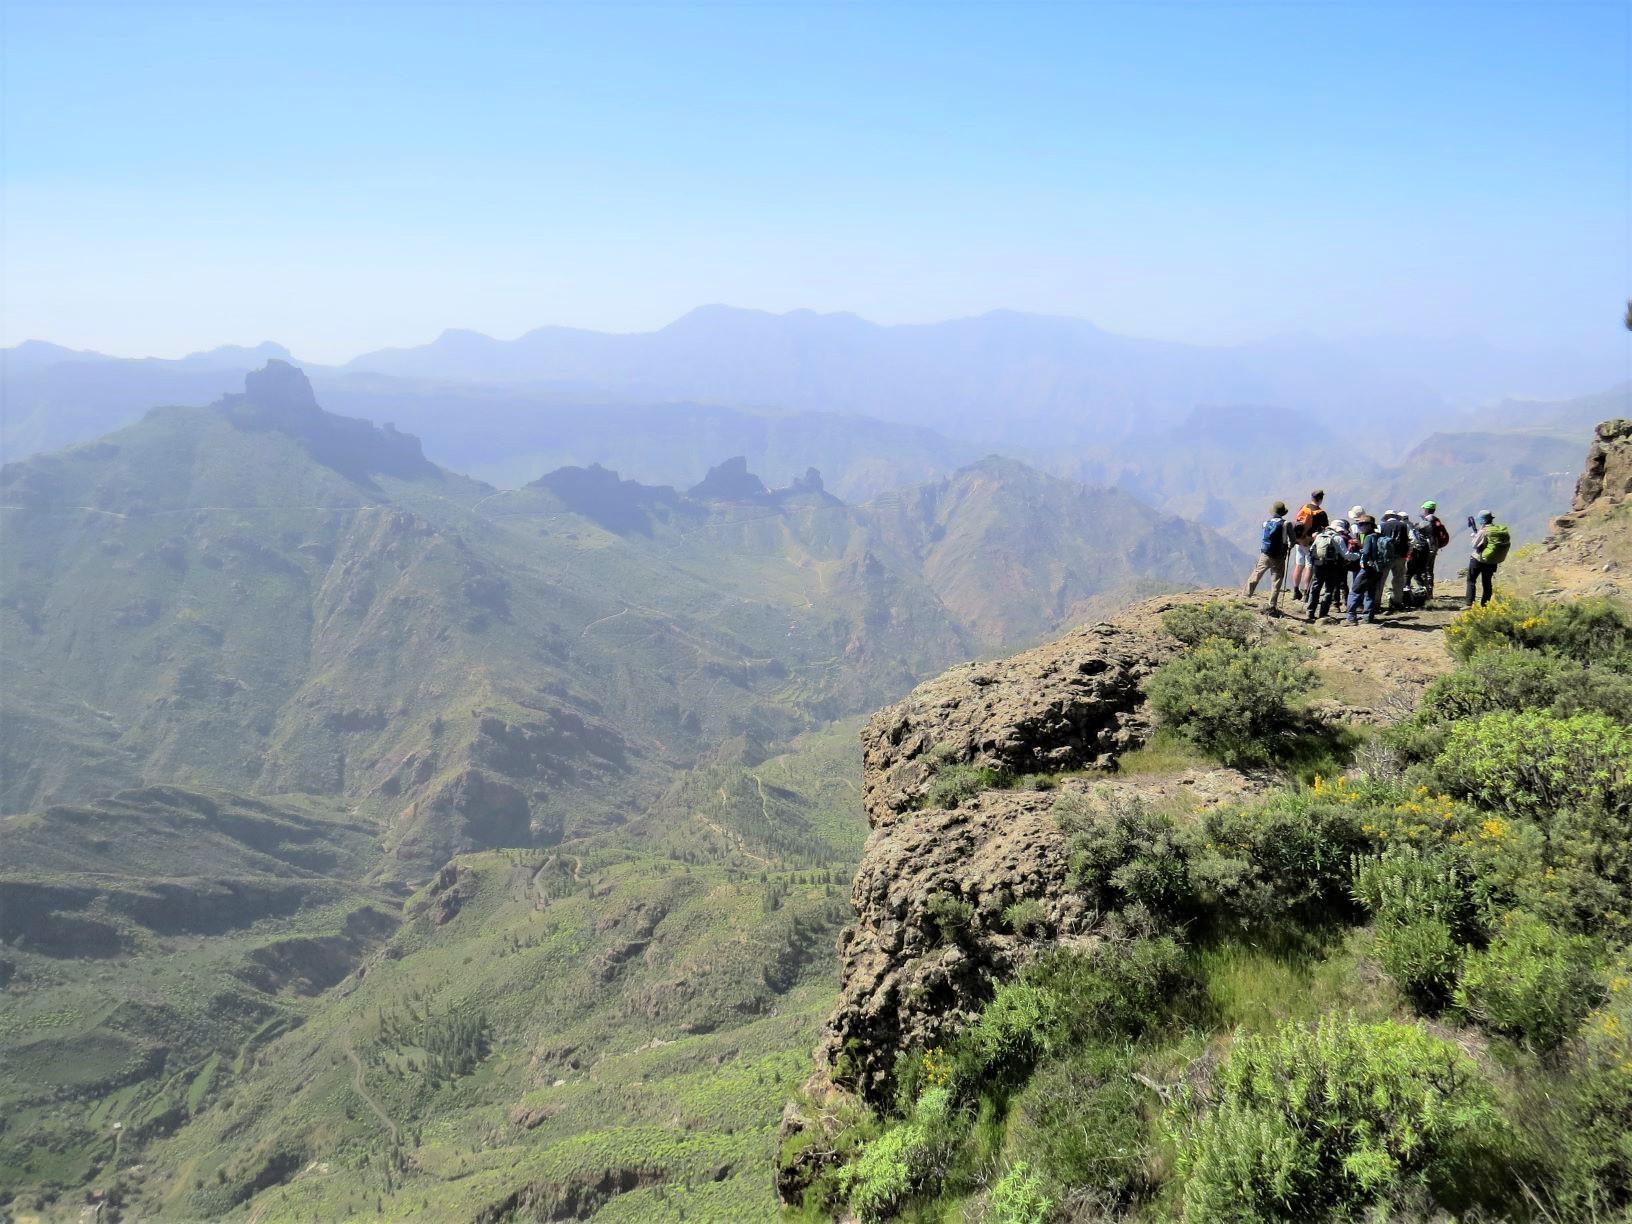 【創業50周年記念特別企画】ハイキングでめぐる魅惑のカナリア諸島5島クルーズとマデイラ諸島 12日間